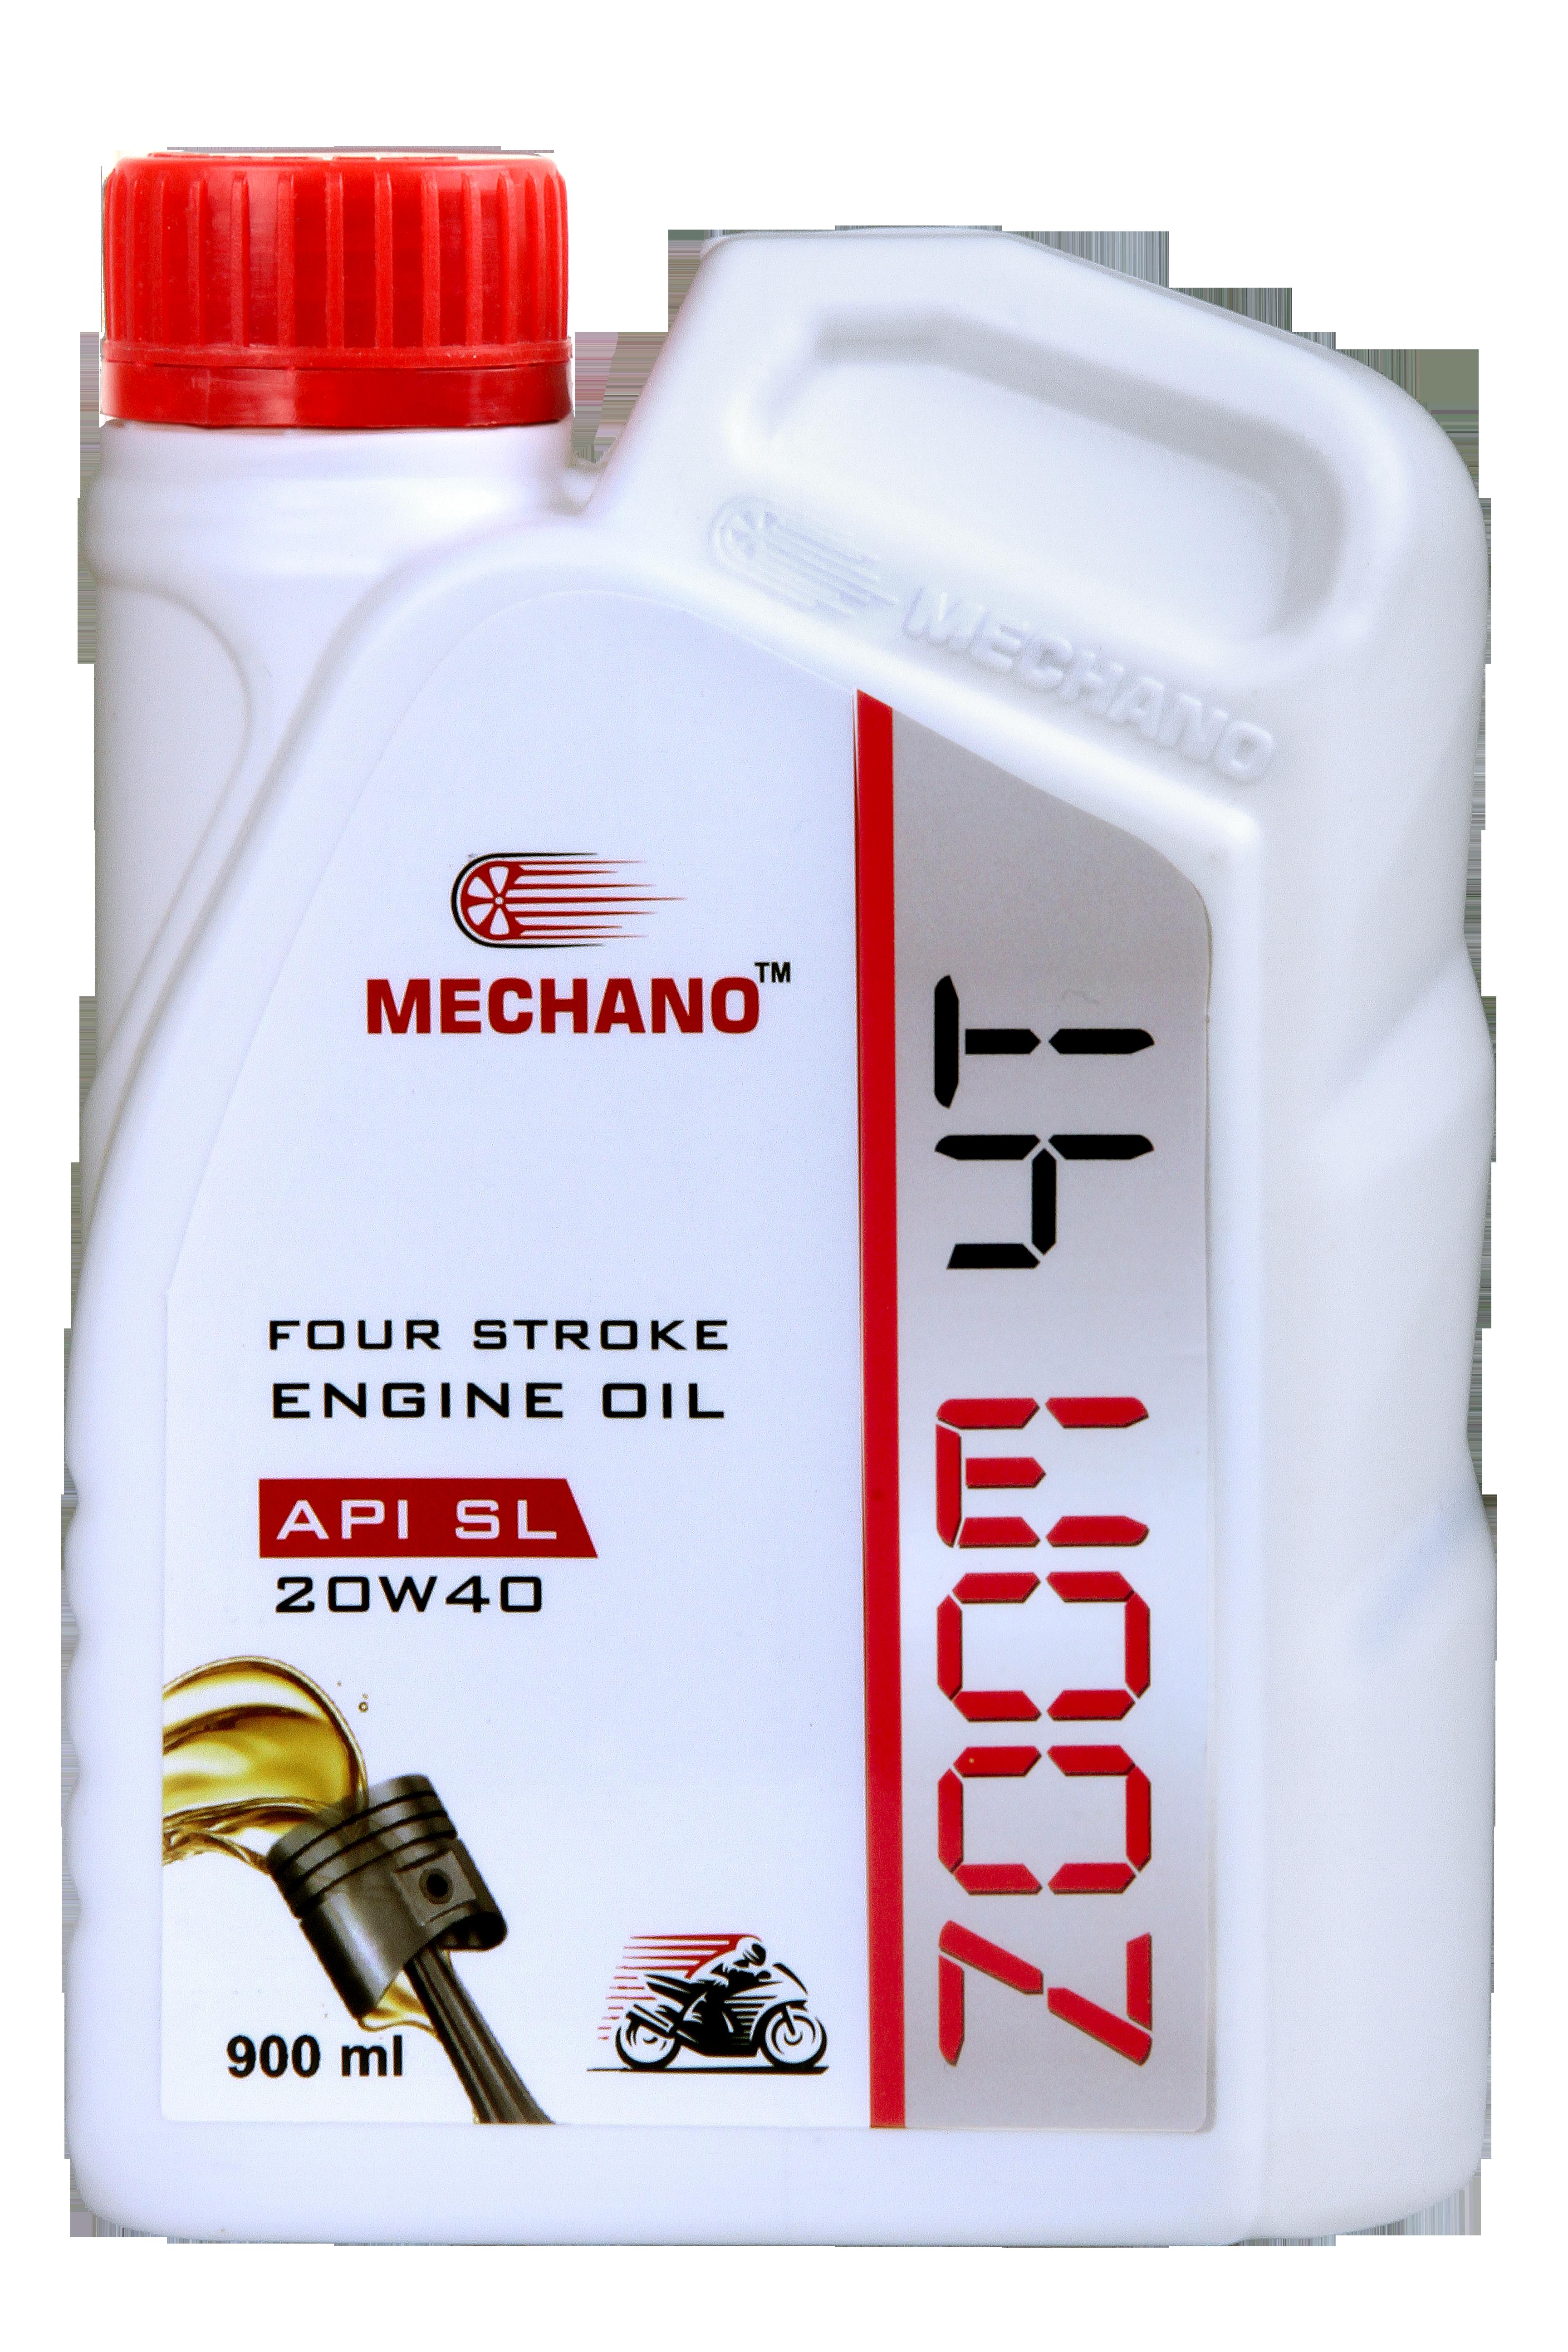 Mechano Zoom 4T 20W40 API SL